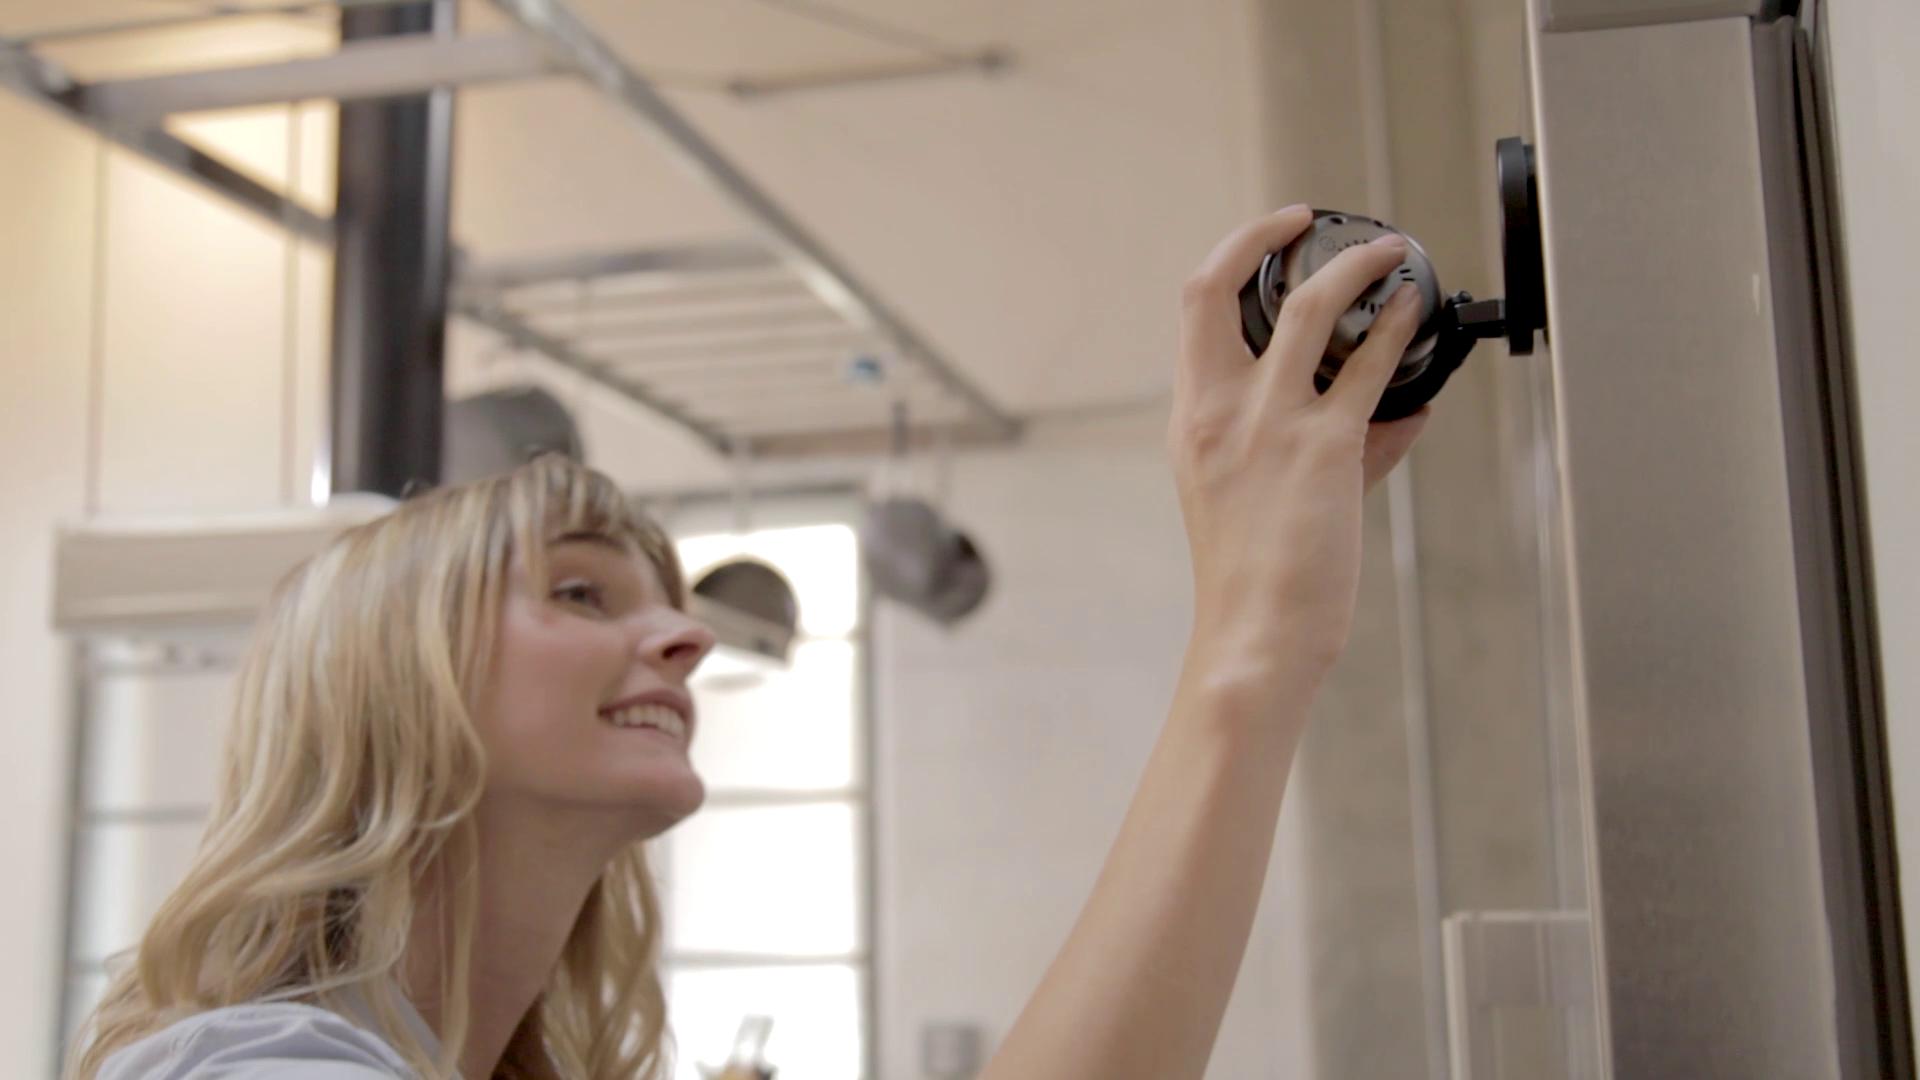 FFWD 推出市場第一台雲端縮時攝影機   無需後製,兩分鐘,打造專屬於你的縮時影片